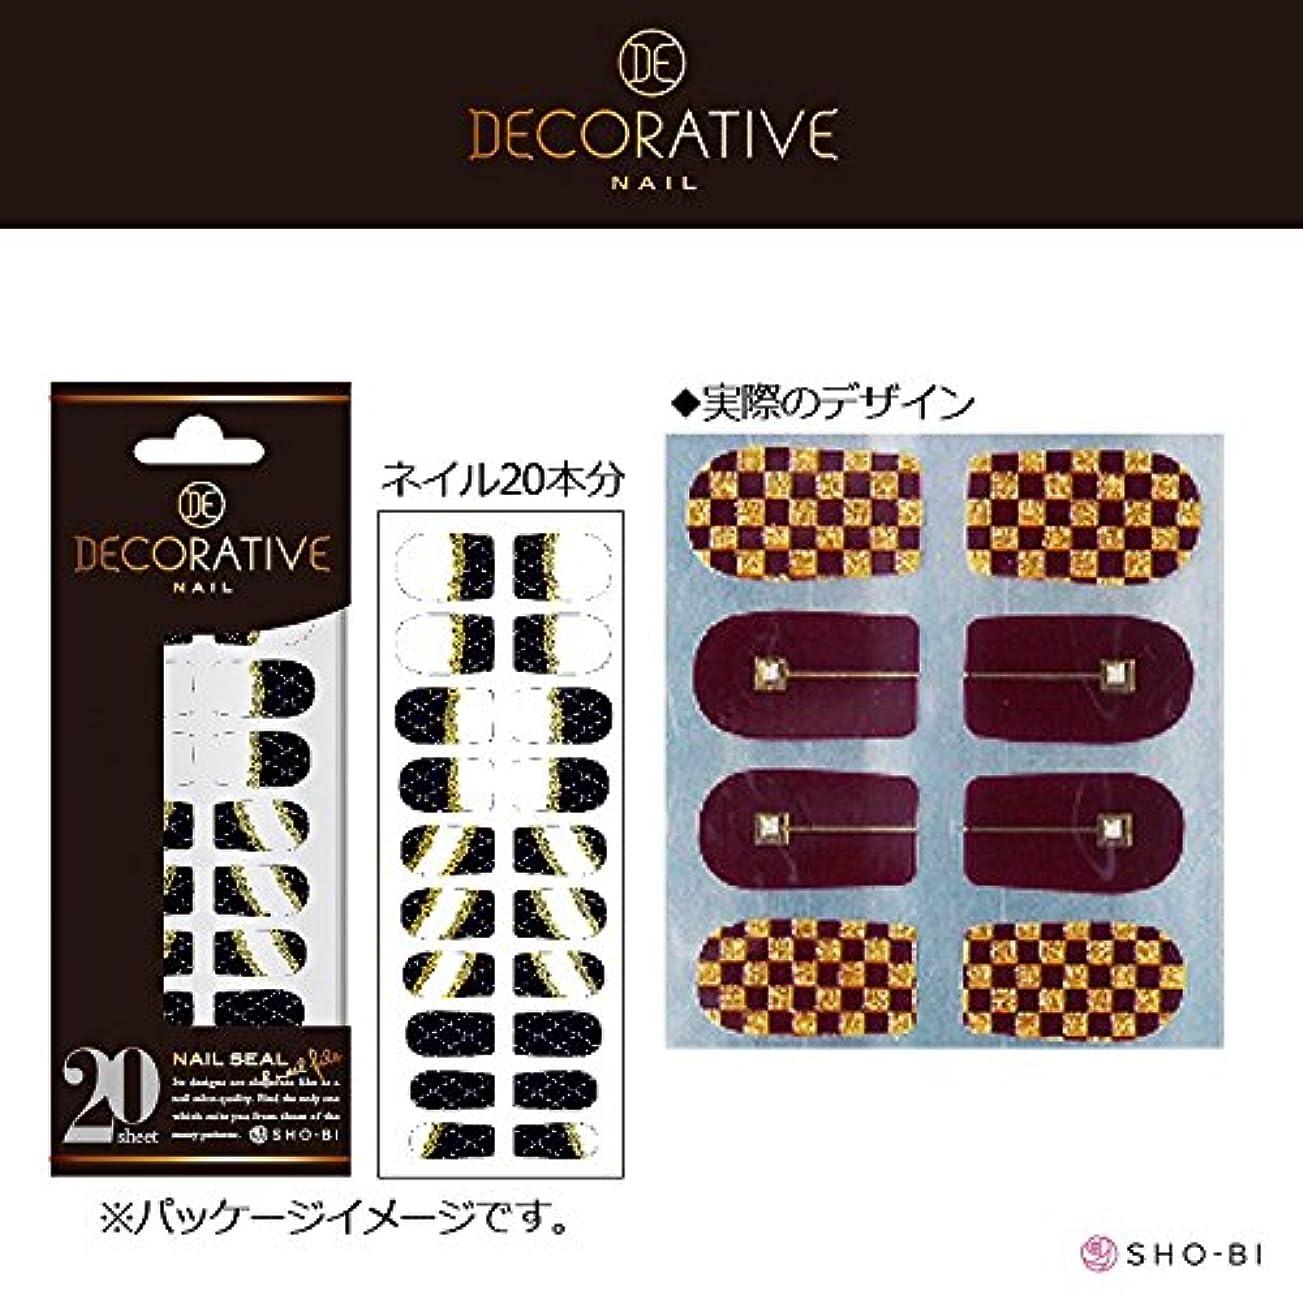 比較的助手矛盾するデコラティブネイル ラッピングシール オールドチェス TN80501